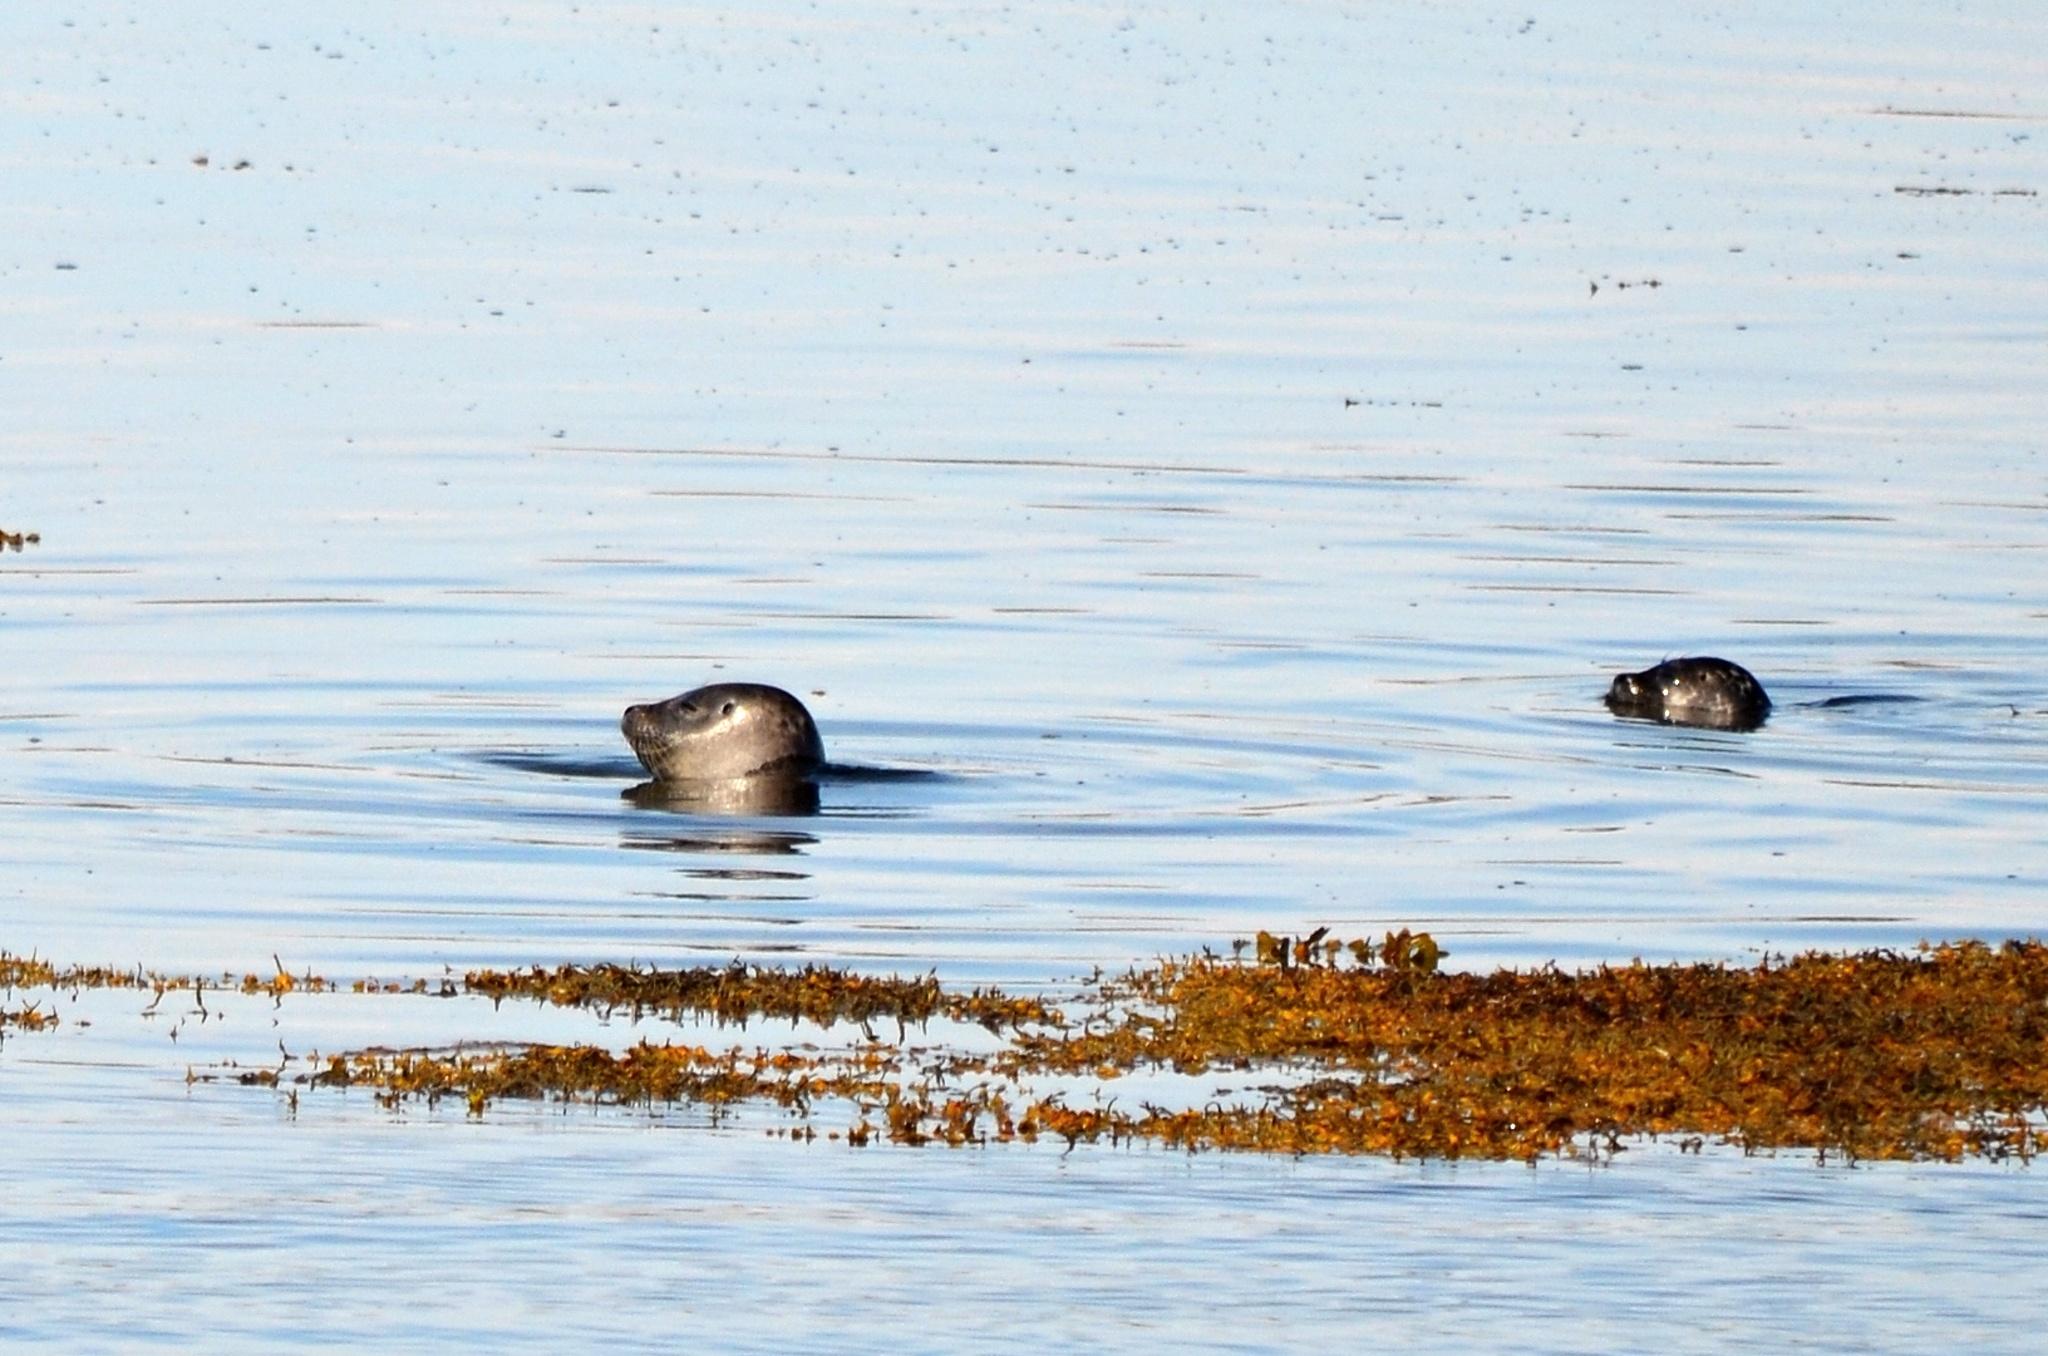 Tuleni si šli zaplavat